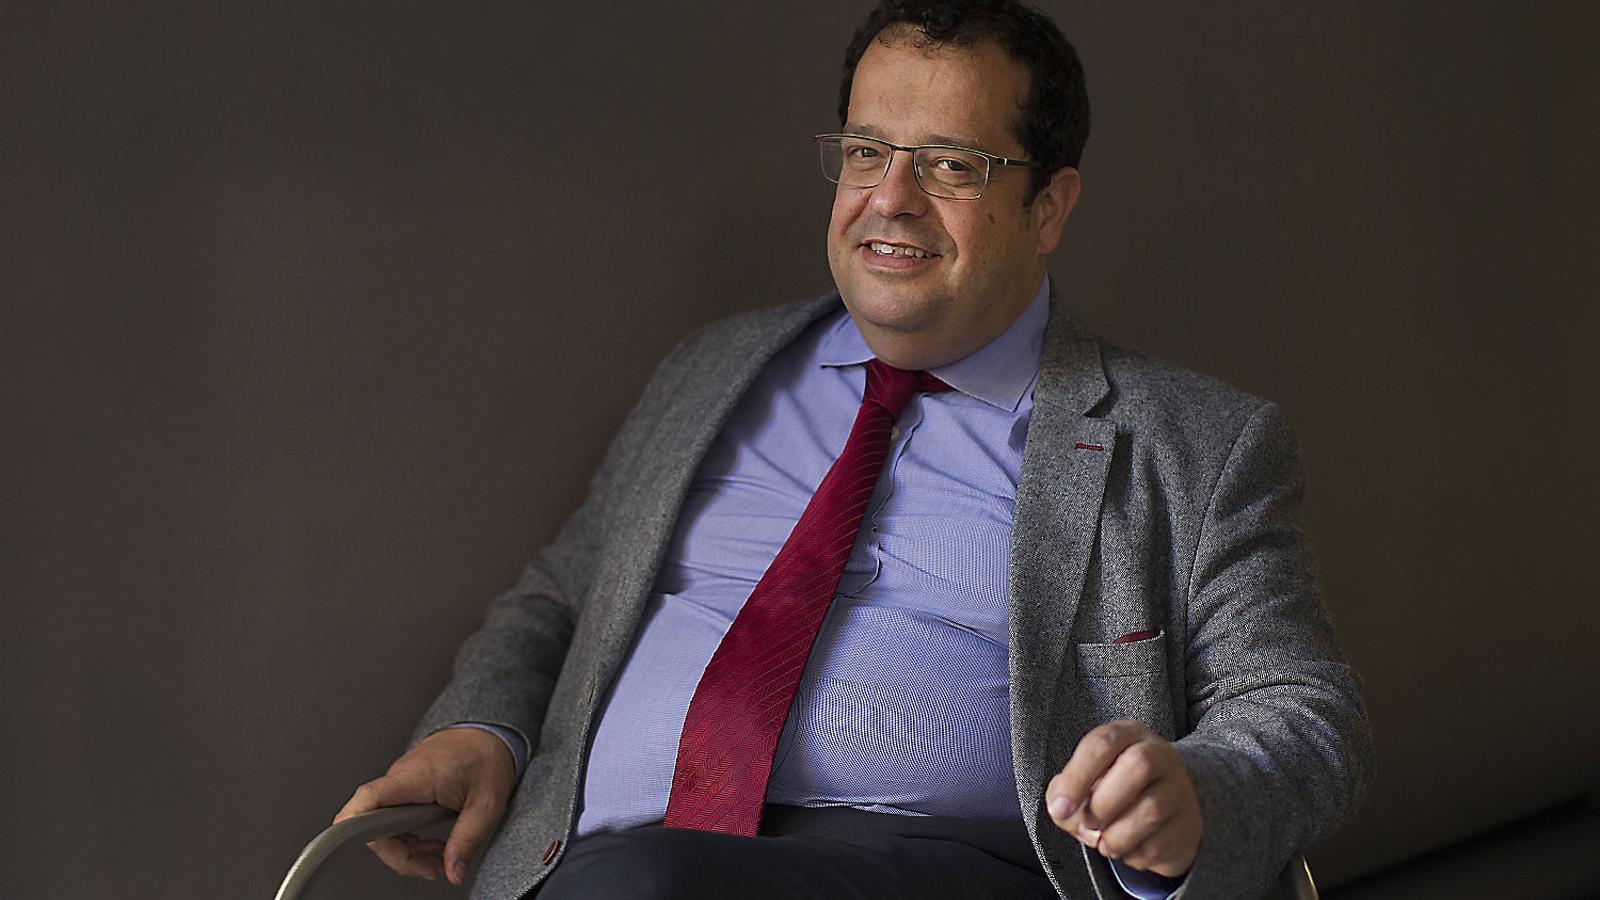 """Joan Ignasi Elena: """"Ara hi ha més gent a favor del referèndum a Espanya tot i el bloqueig polític"""" / RUTH MARIGOT"""